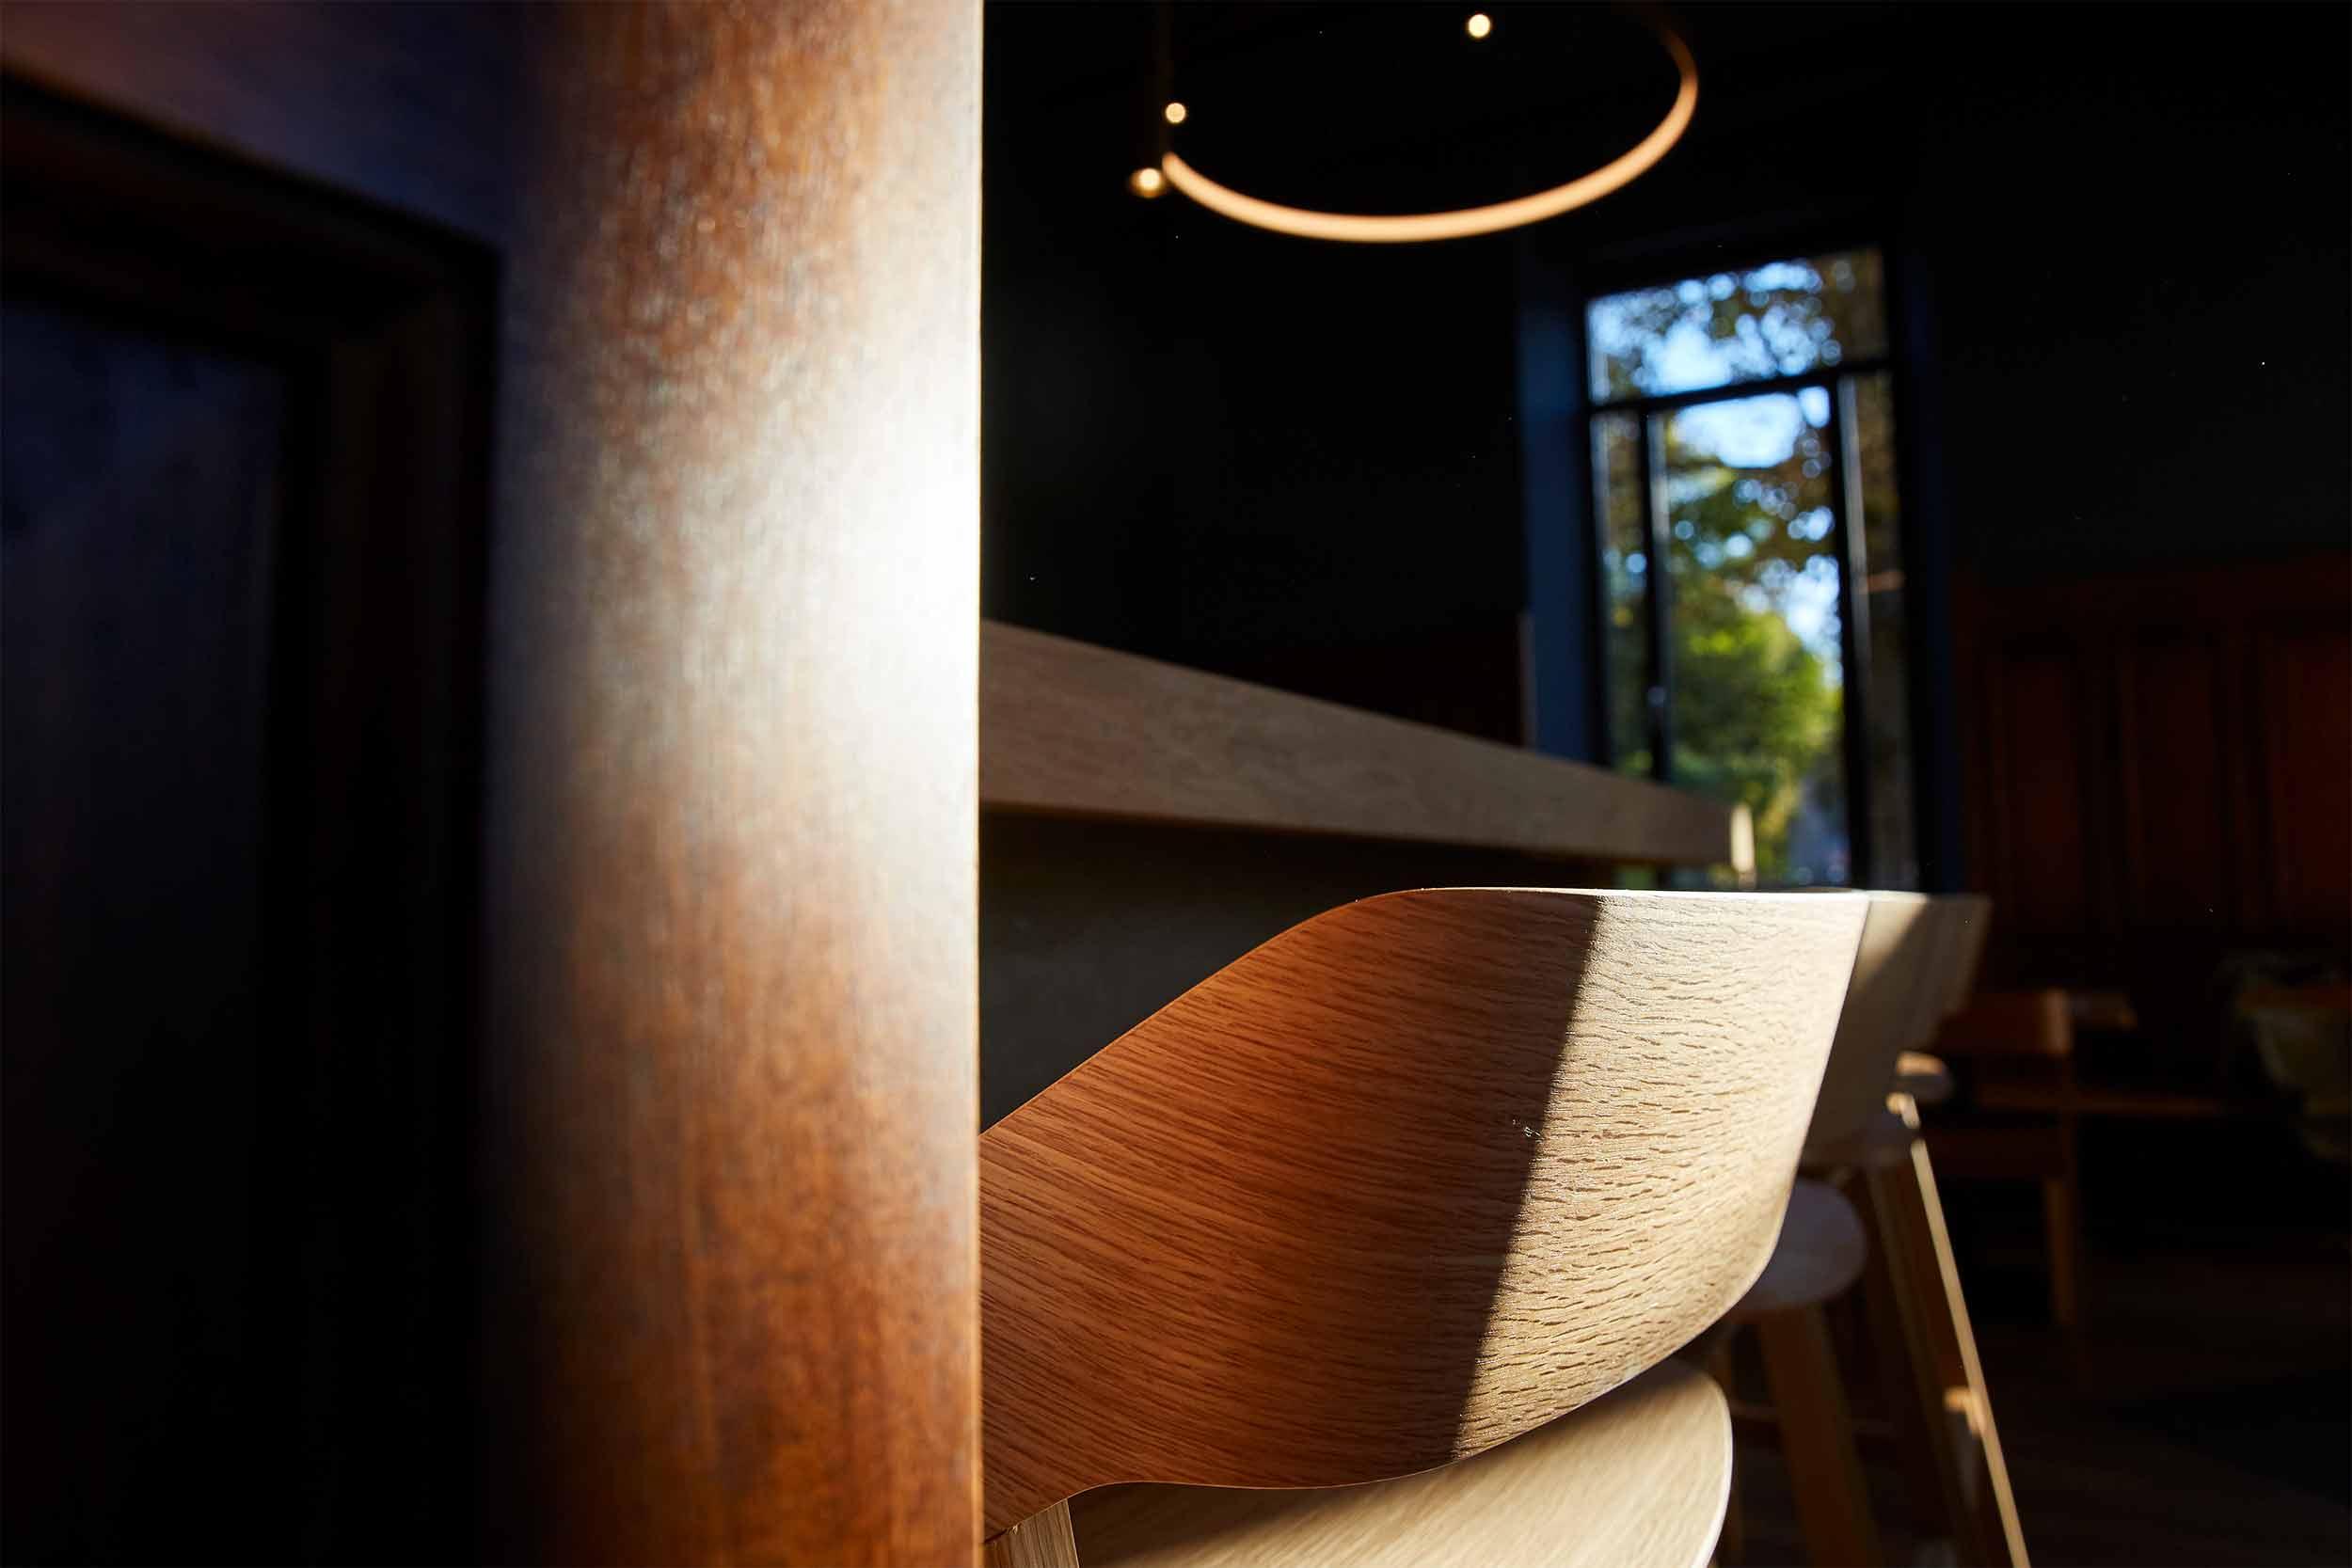 Blaue Kappe Essen und Trinken Augsburg Corporate Design und Website – Detailaufnahme